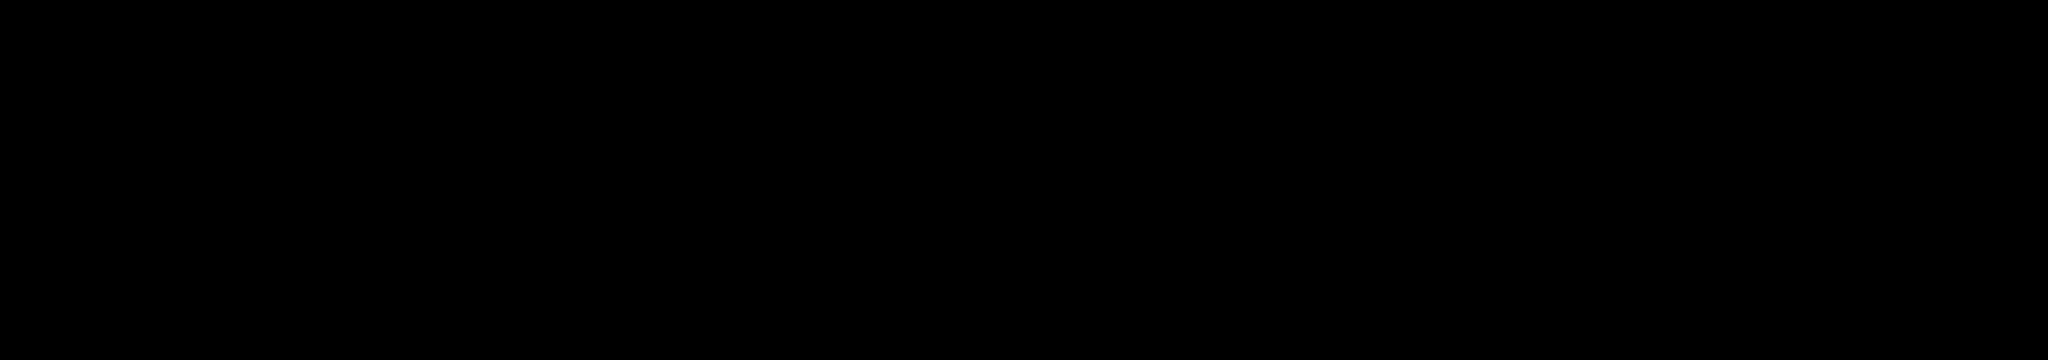 dinoworld-11